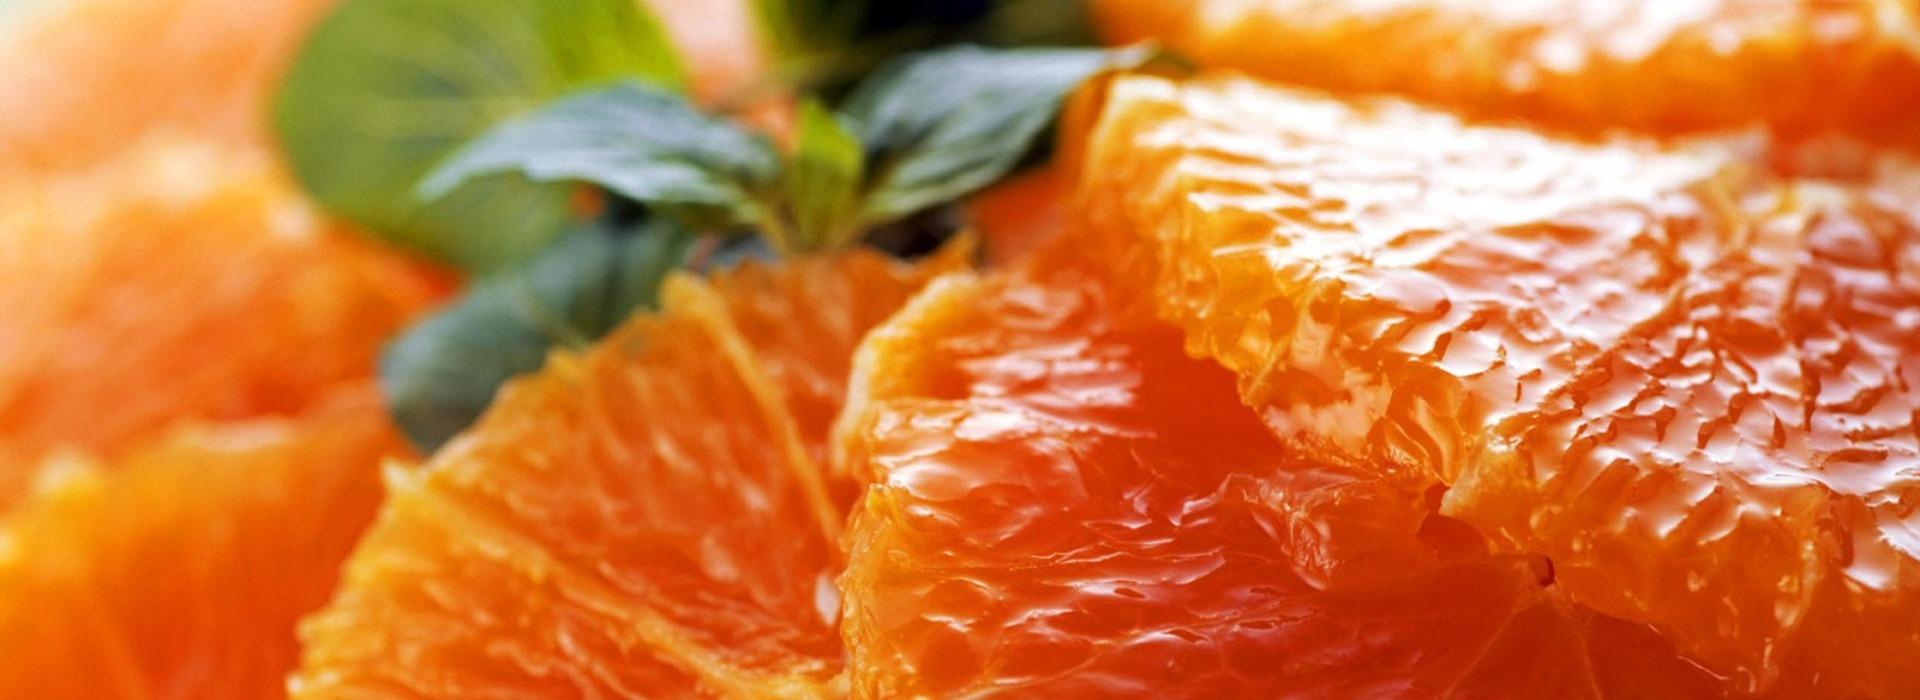 slide-mandarino-macro